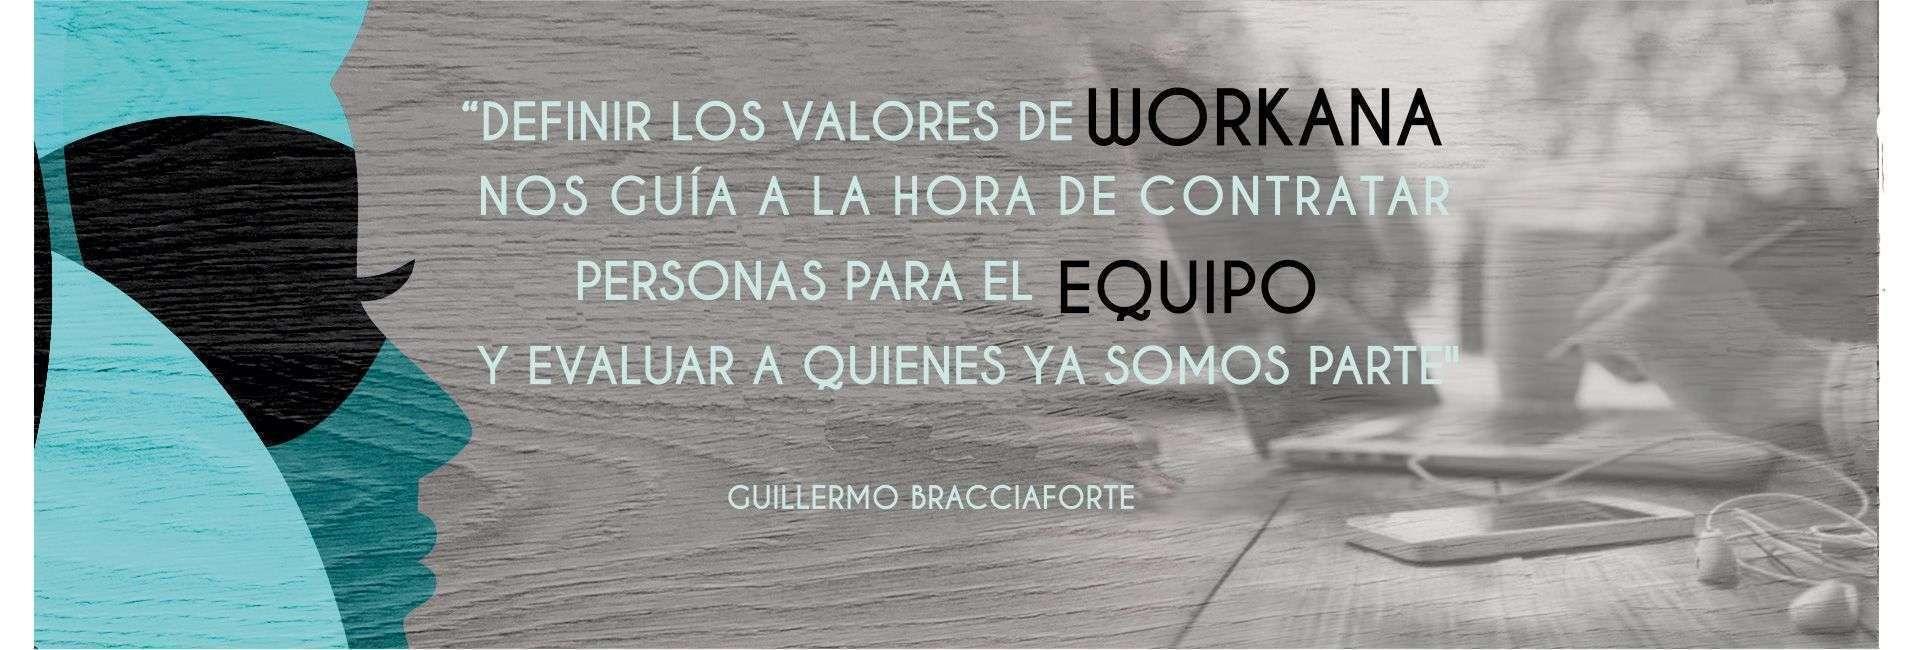 """Guillermo Bracciaforte: """"Porqué dedico la mitad de mi tiempo a formar la cultura de Workana"""""""